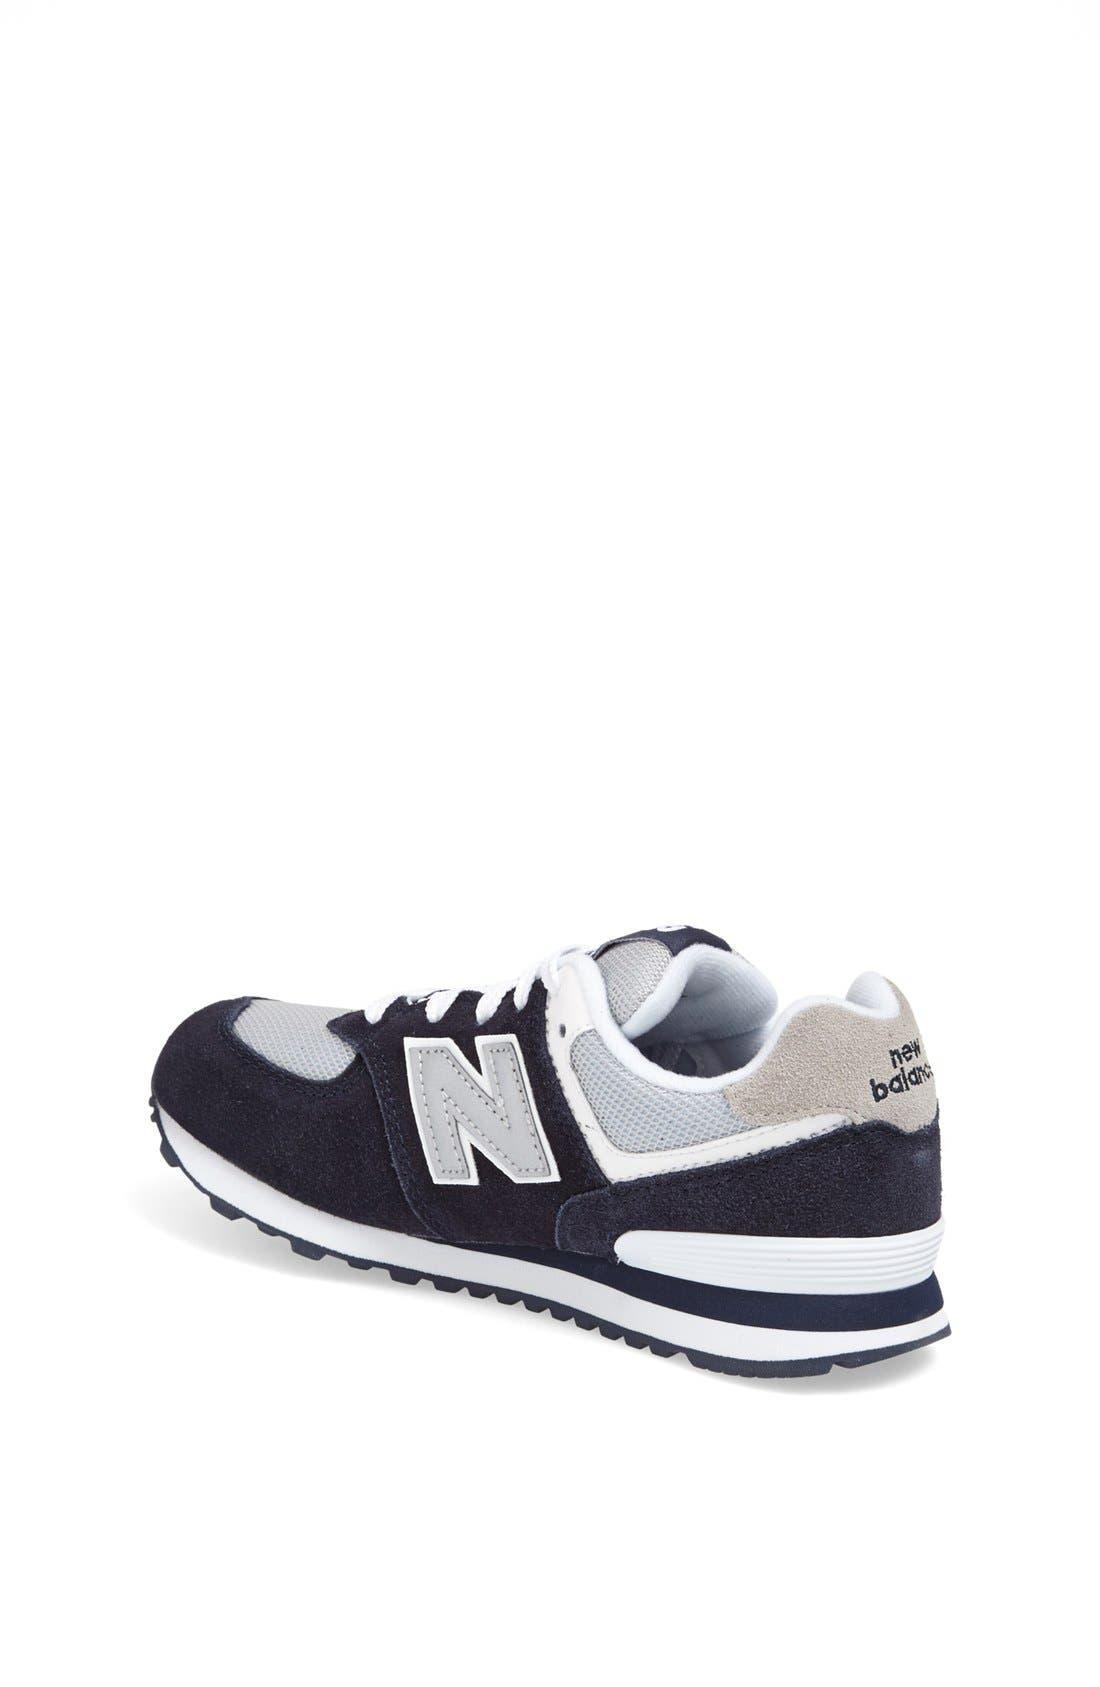 Alternate Image 2  - New Balance '574 Classic' Sneaker (Toddler & Little Kid)